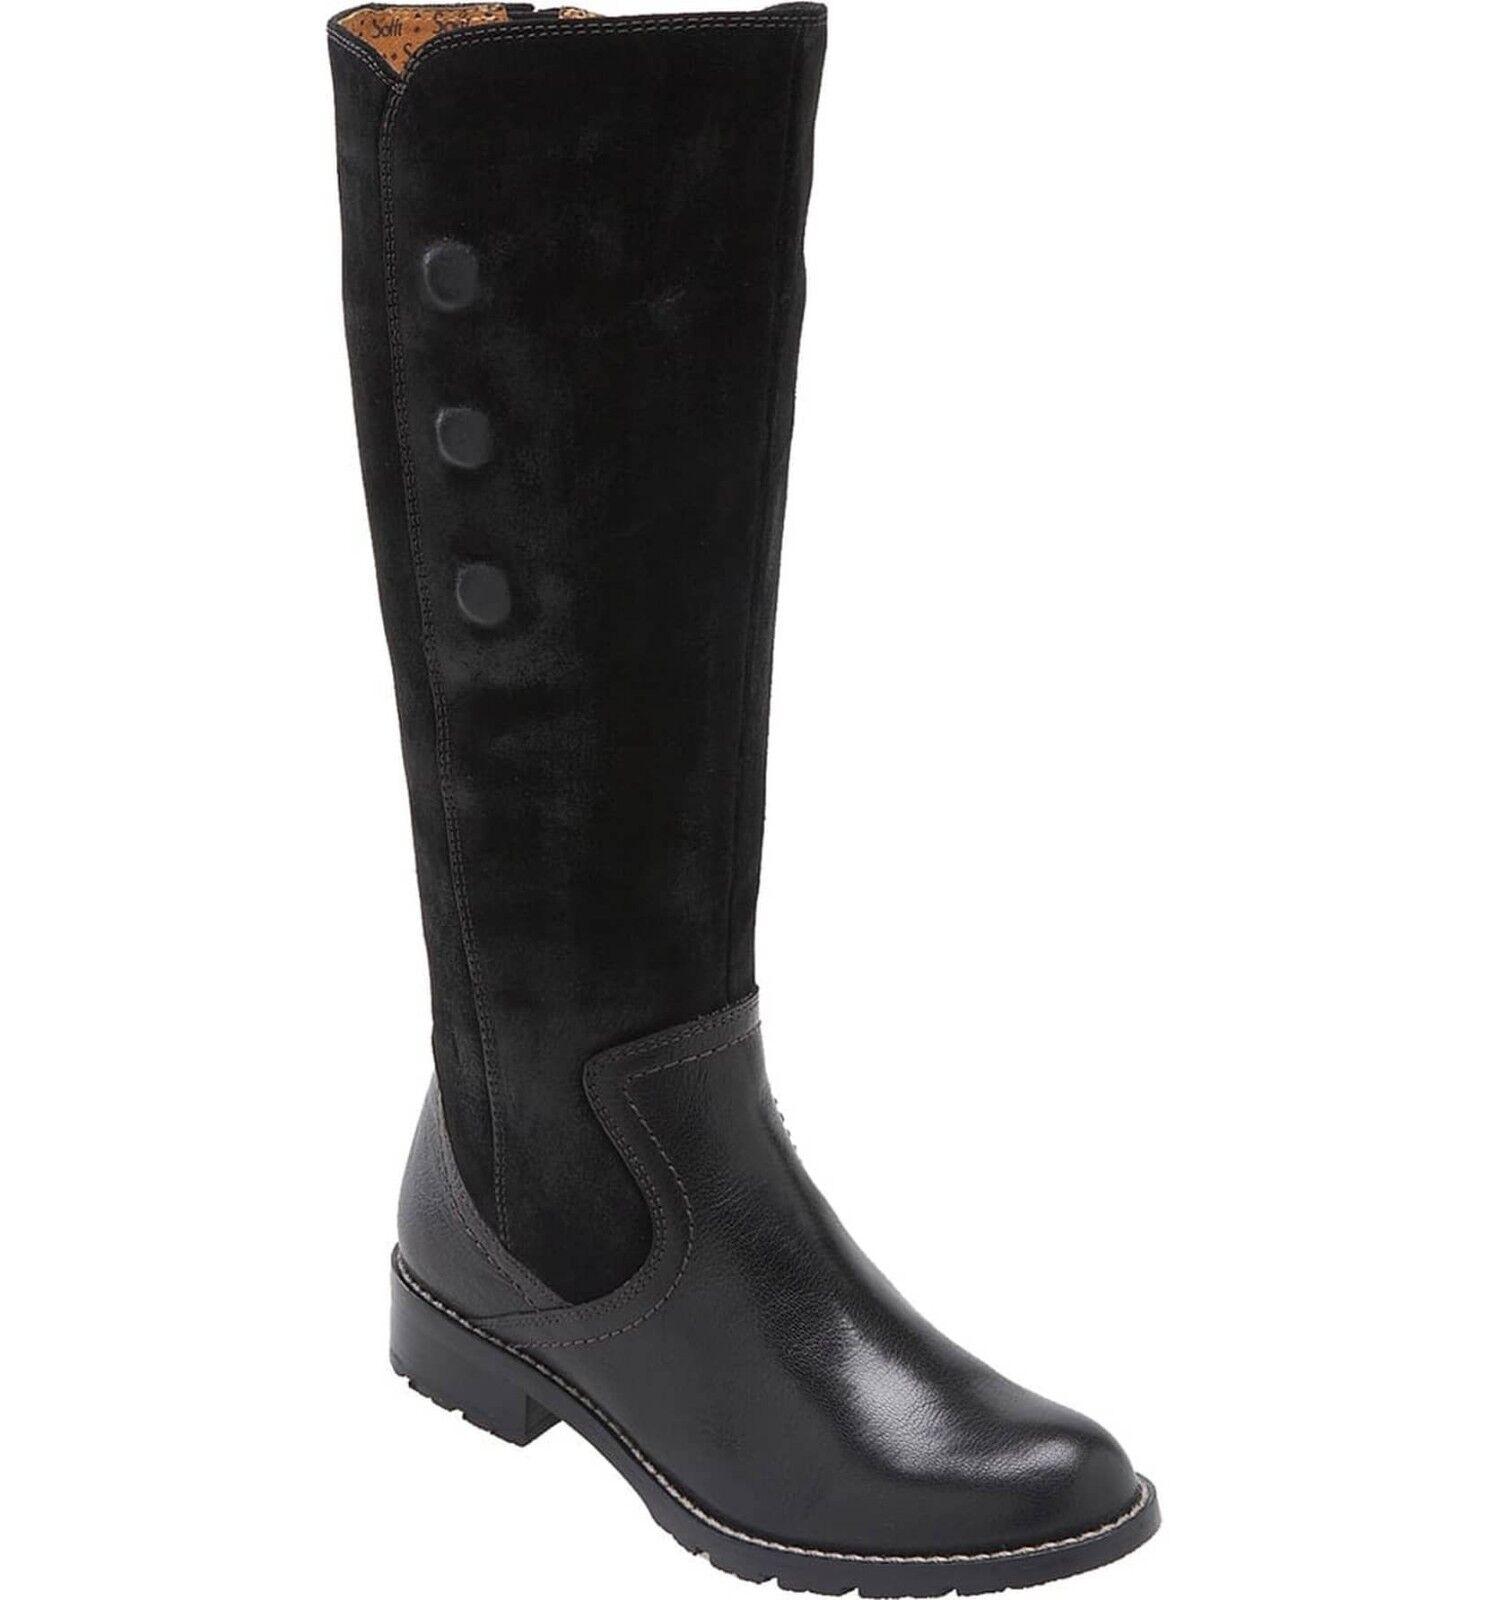 Sofft Zapatos Bergamo Alto botas De Montar Negro Cuero & Gamuza 8  plana con cremallera lateral